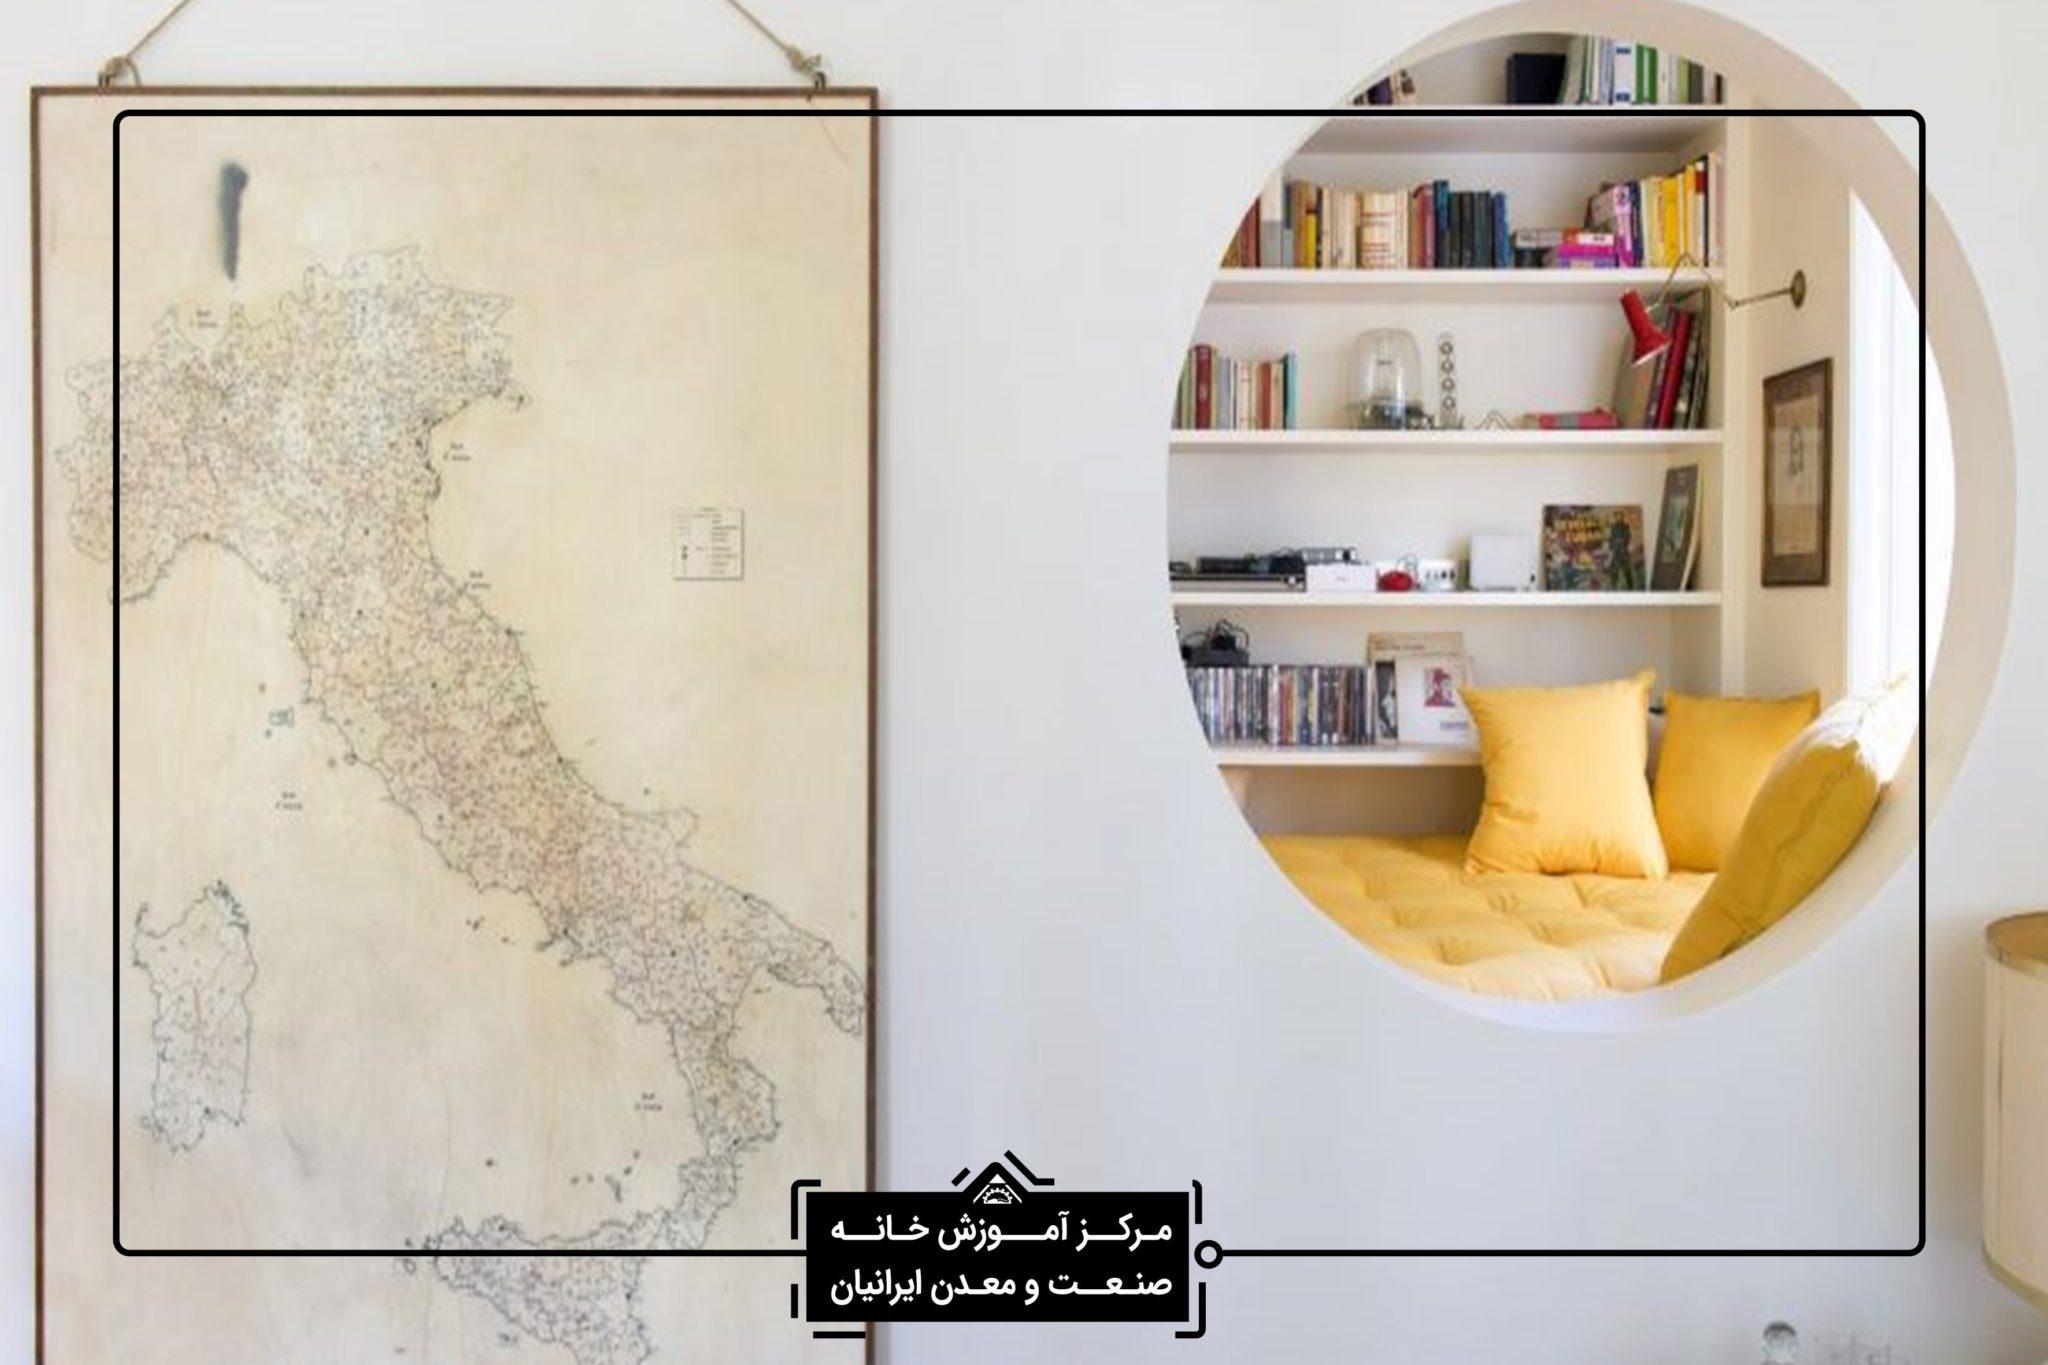 دکوراسیون داخلی در شیراز - آموزشگاه دکوراسیون داخلی در شیراز